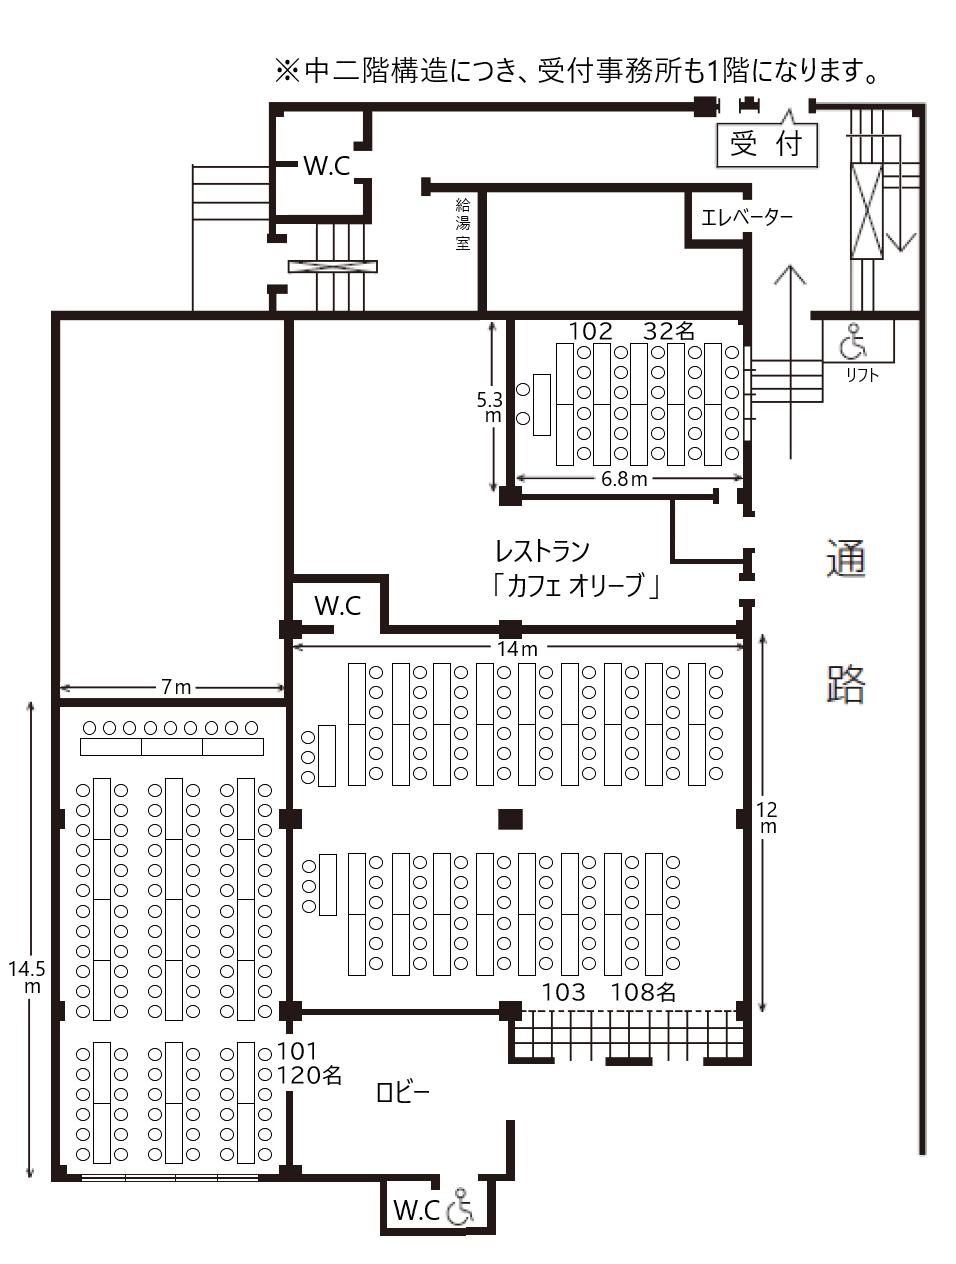 部屋図面1F(修正版2)